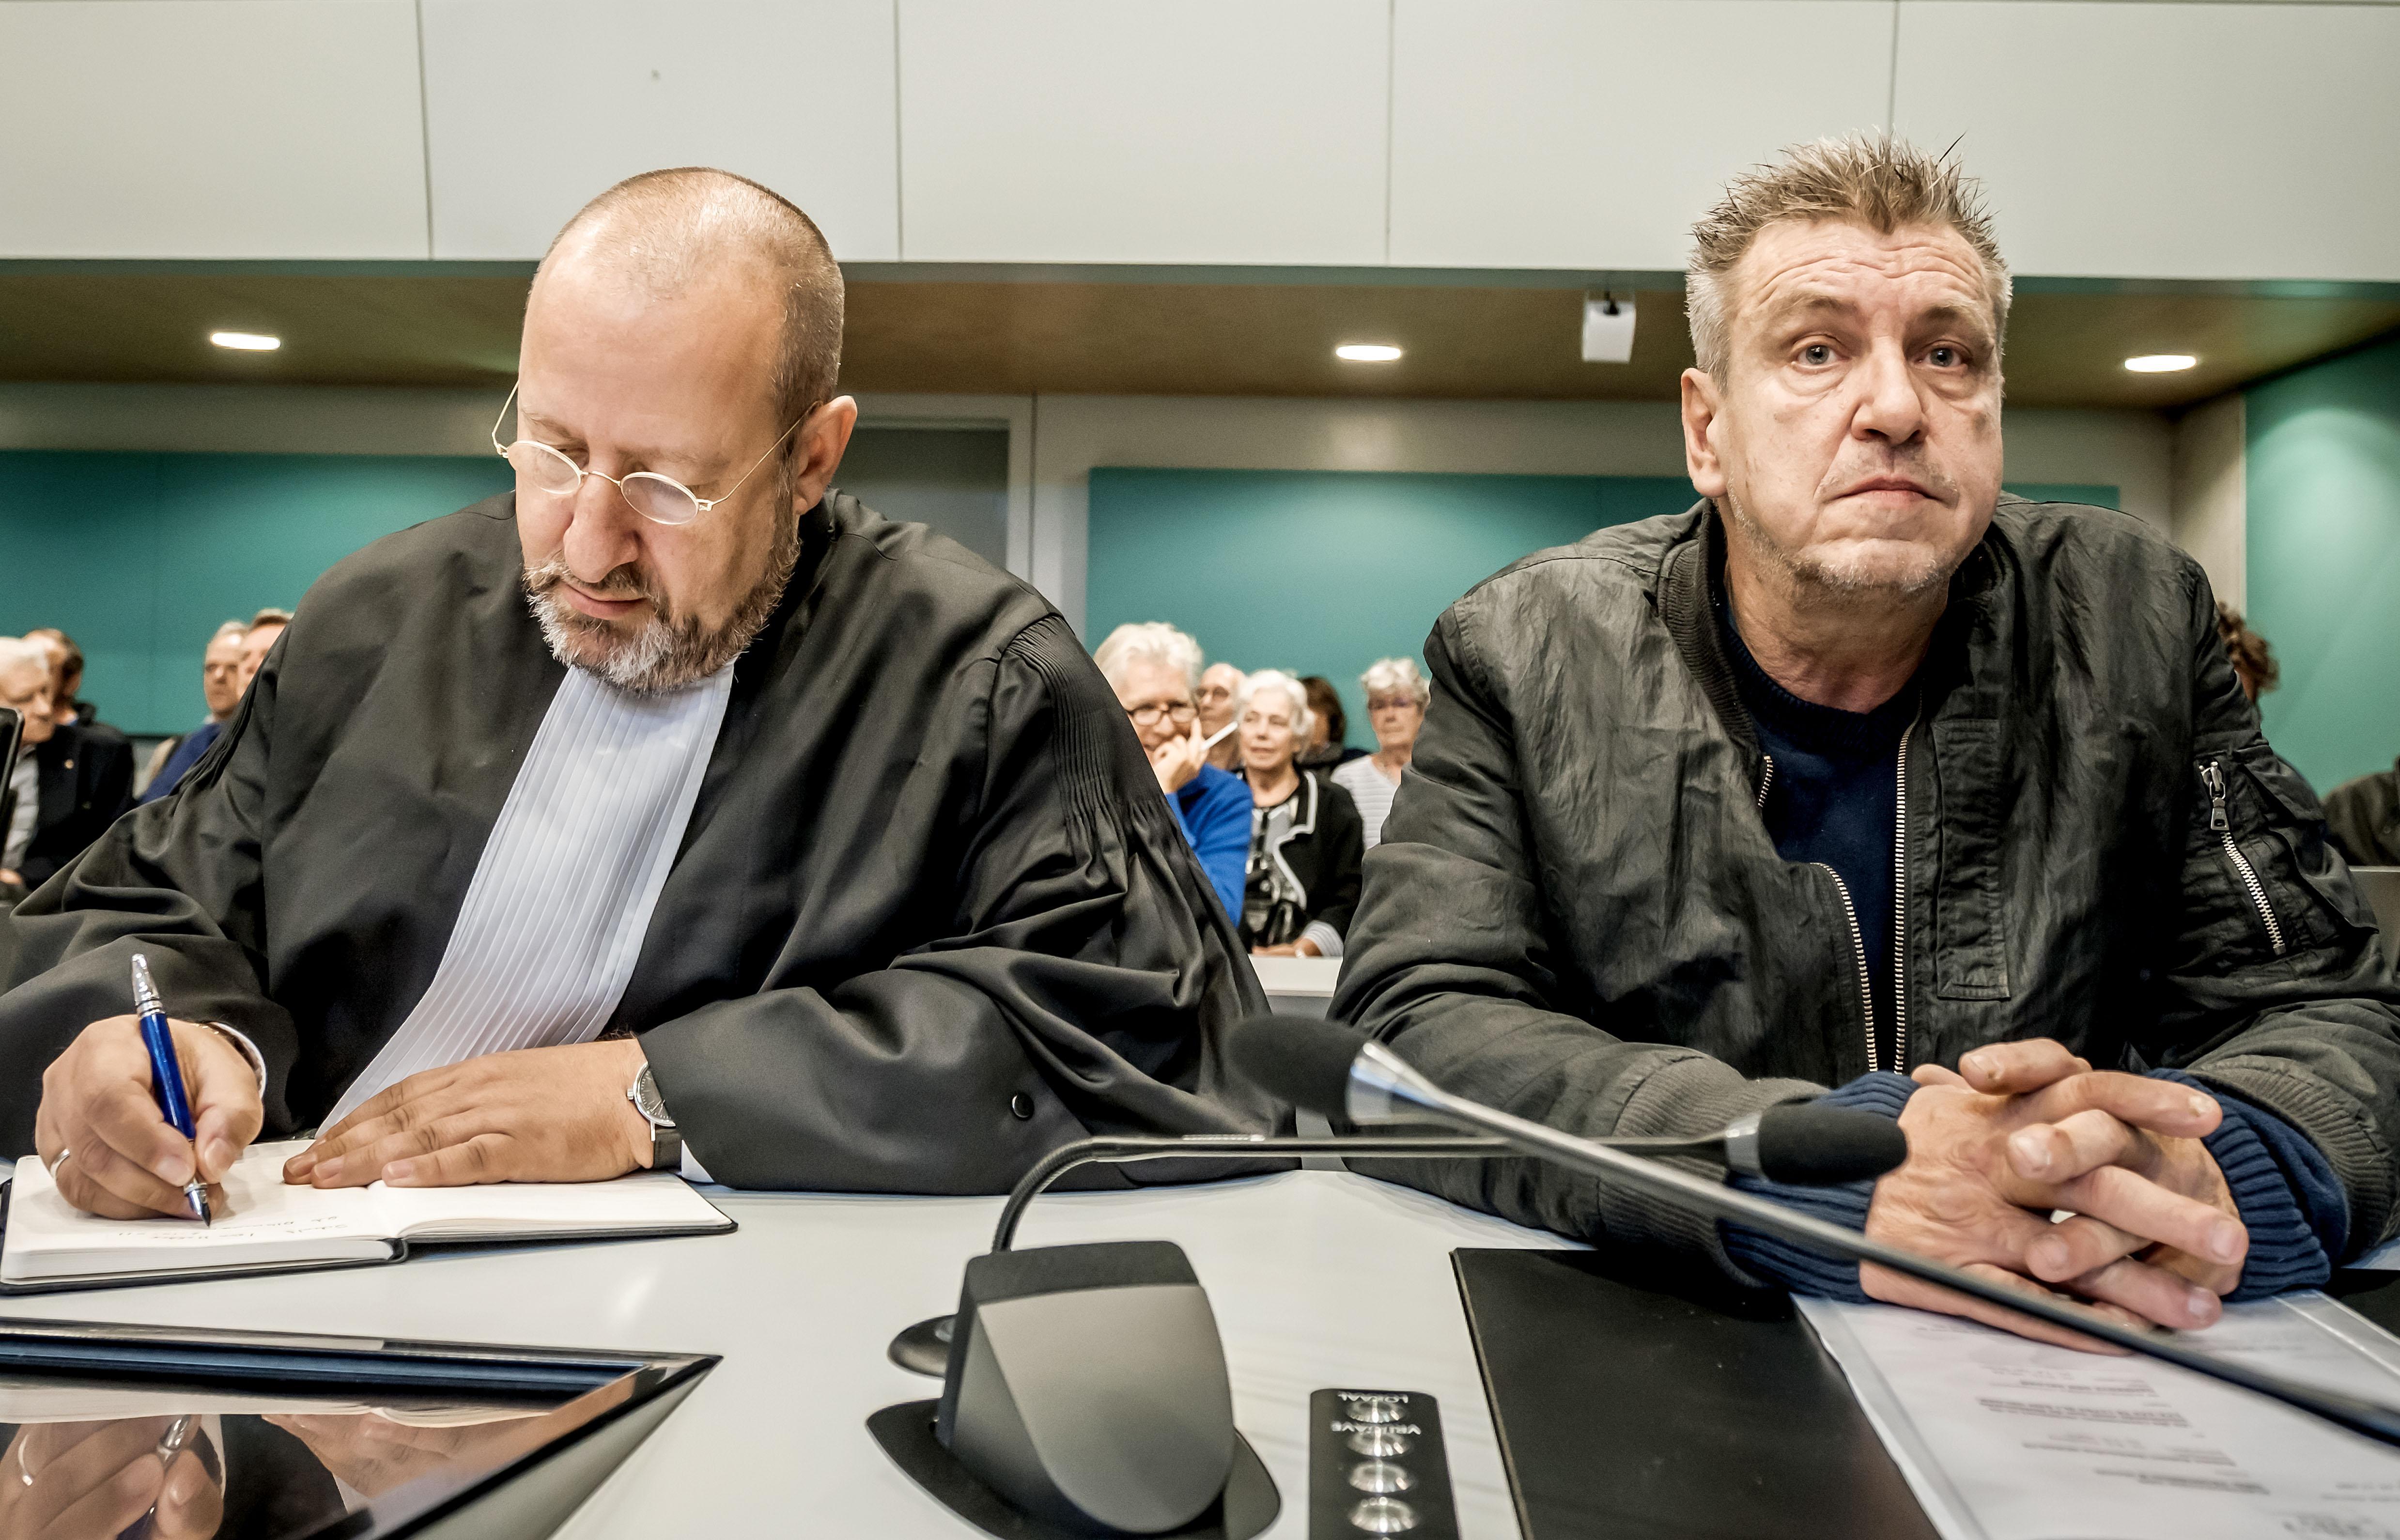 Den Helder wil geld zien van Rob Scholte. Zijn in beslag genomen kunstcollectie wordt mogelijk verkocht